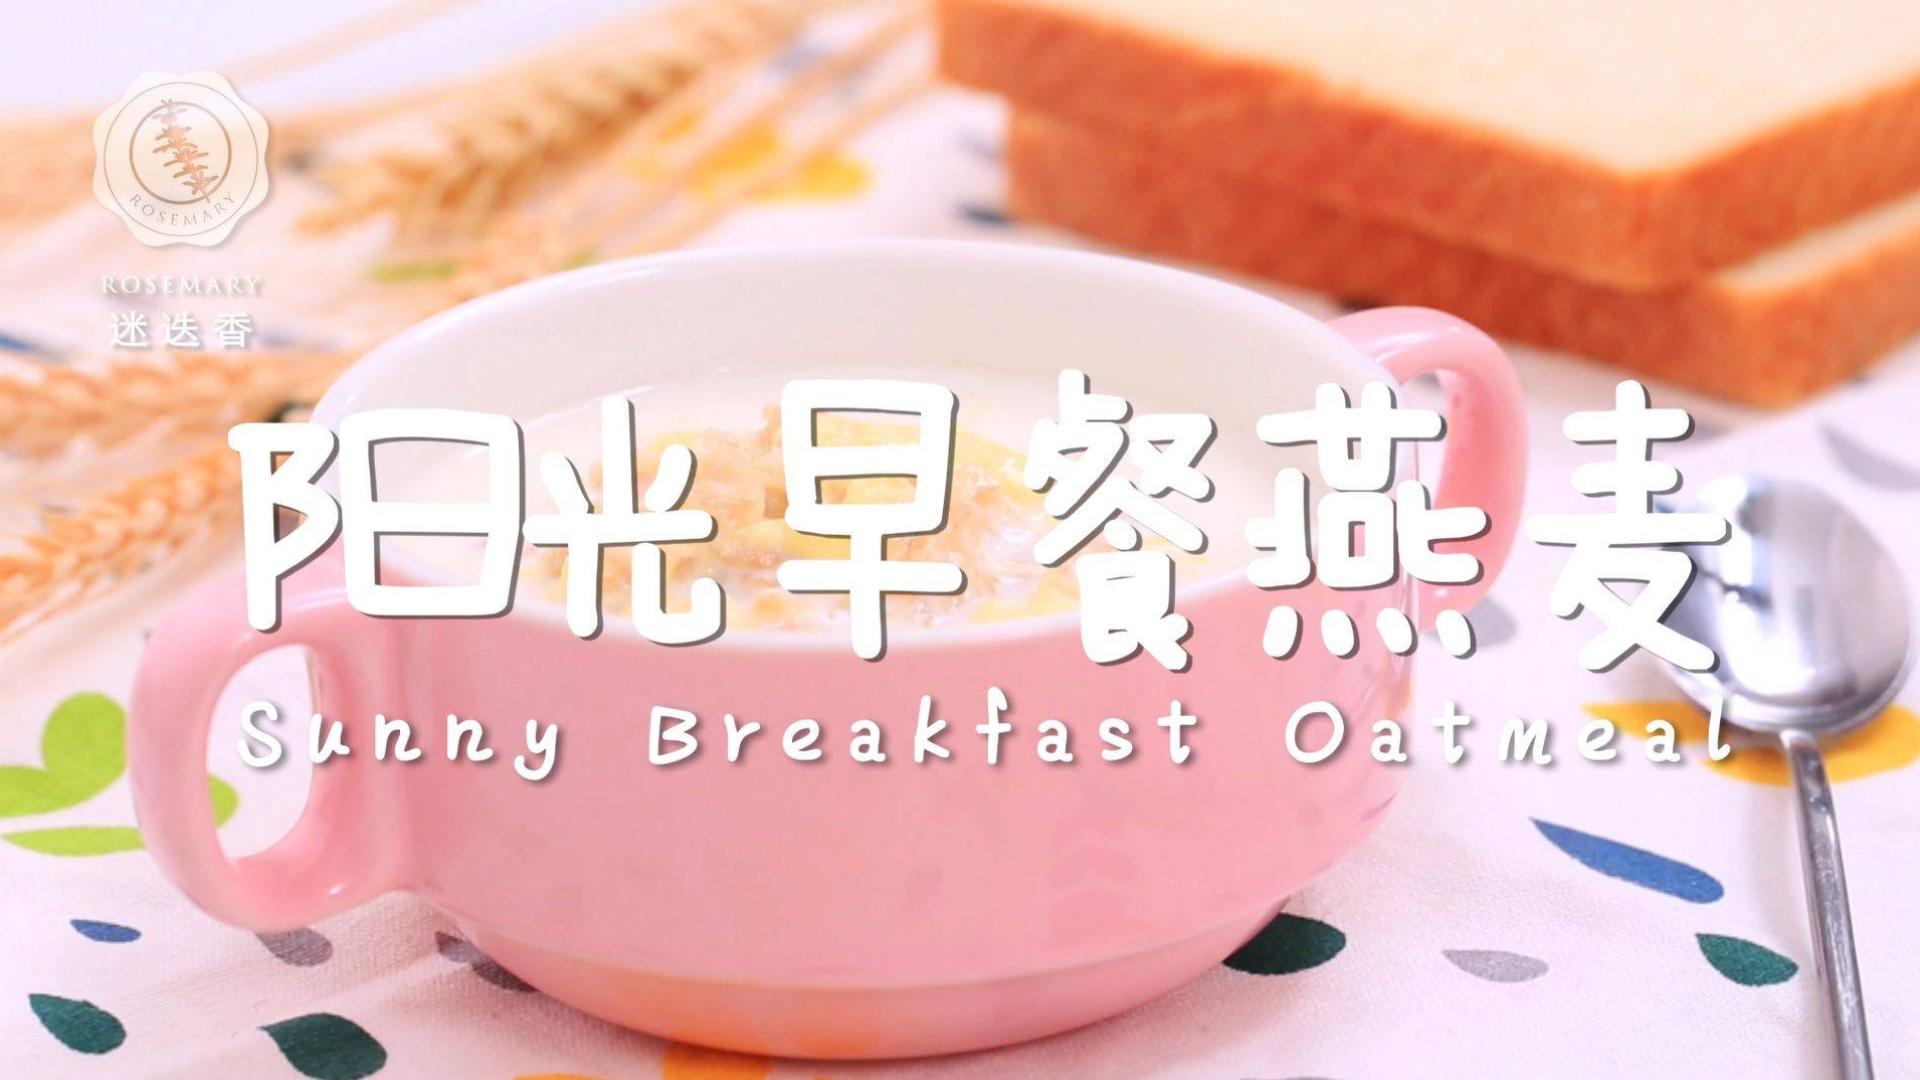 分分钟做出阳光早餐,小姐姐最爱!